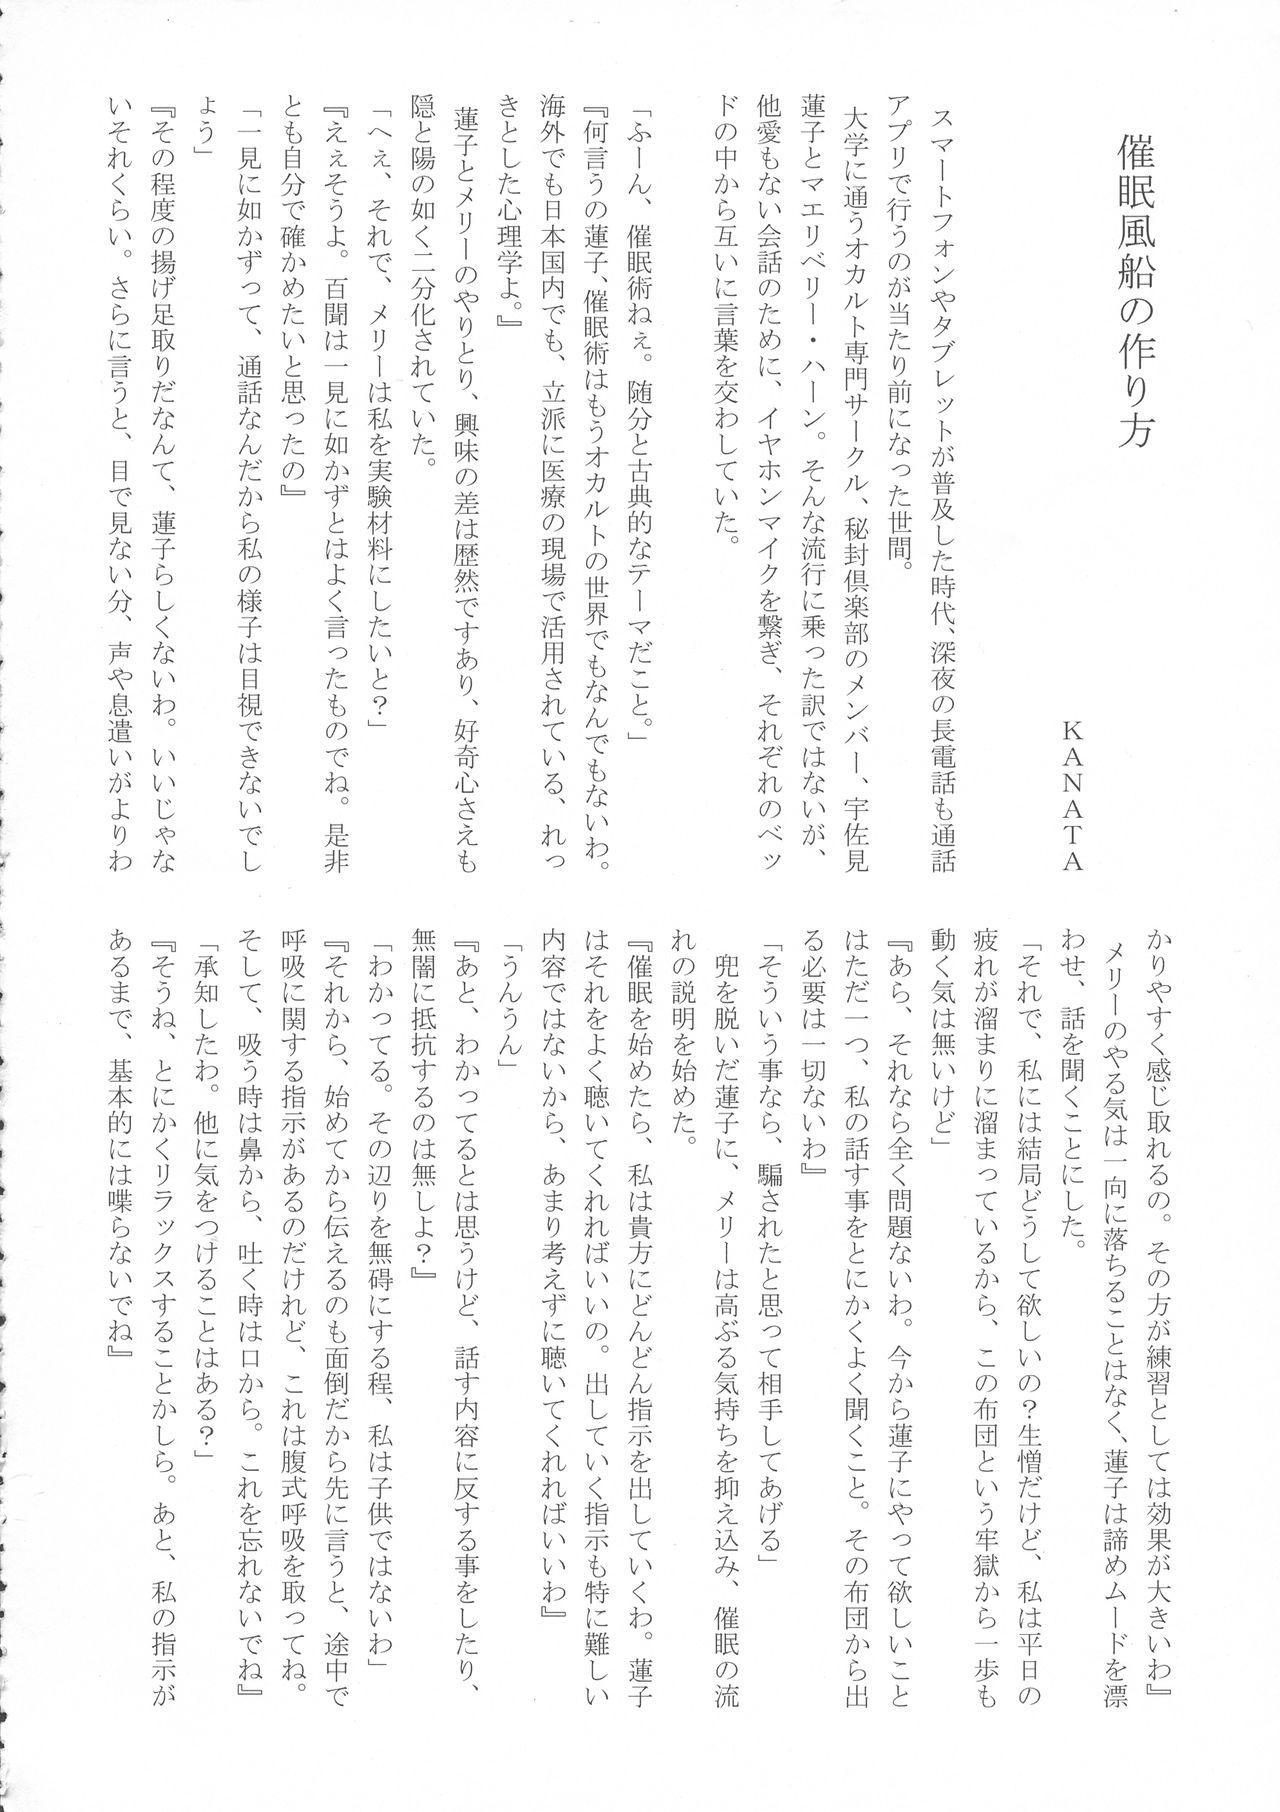 (Reitaisai 15) [HORIC WORKS (Various)] Touhou Bouchou-kei Sougou Goudou-shi `Boujo 2!!!!!!!!' (Touhou Project) 76